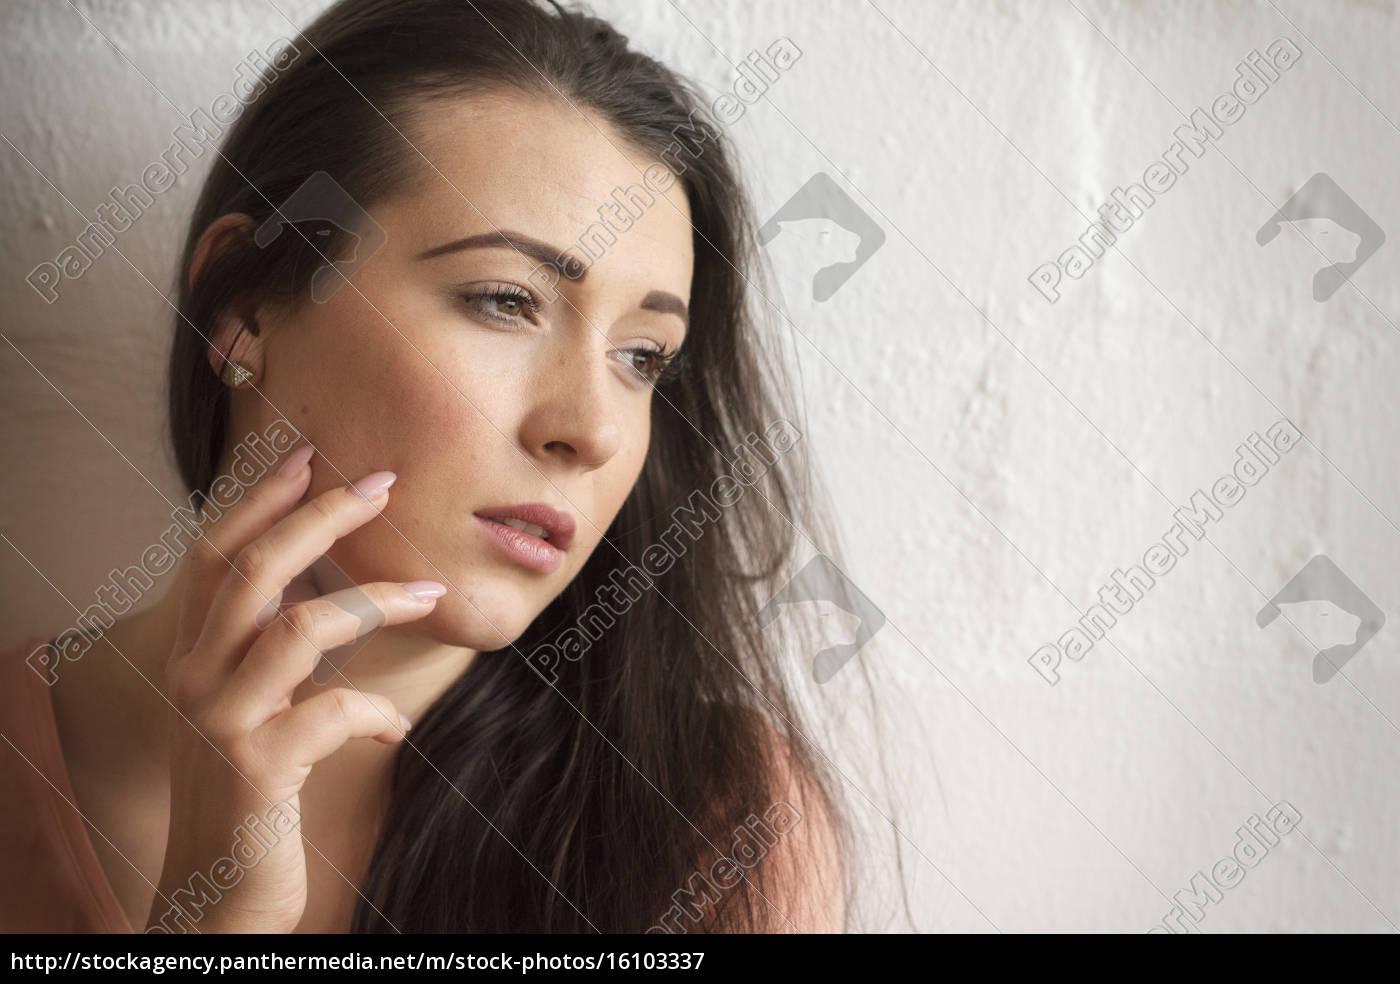 hermosa, mujer, sensual, en, retrato, frente - 16103337